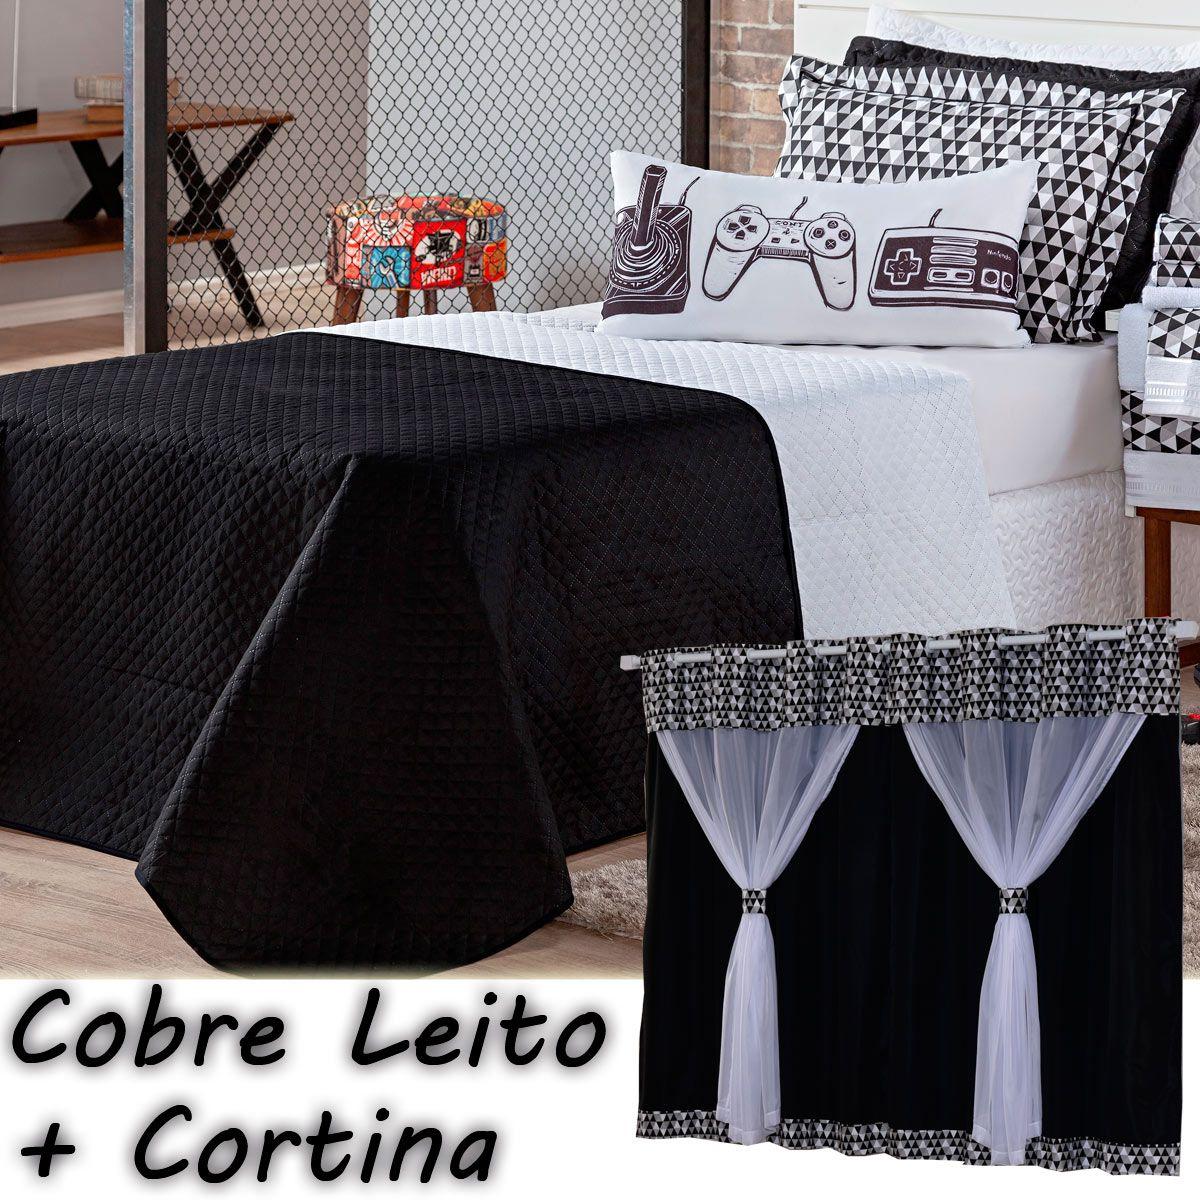 Kit Cobre Leito com Cortina Game Retrô Preto/Branco Dupla Face Solteiro 05 Peças